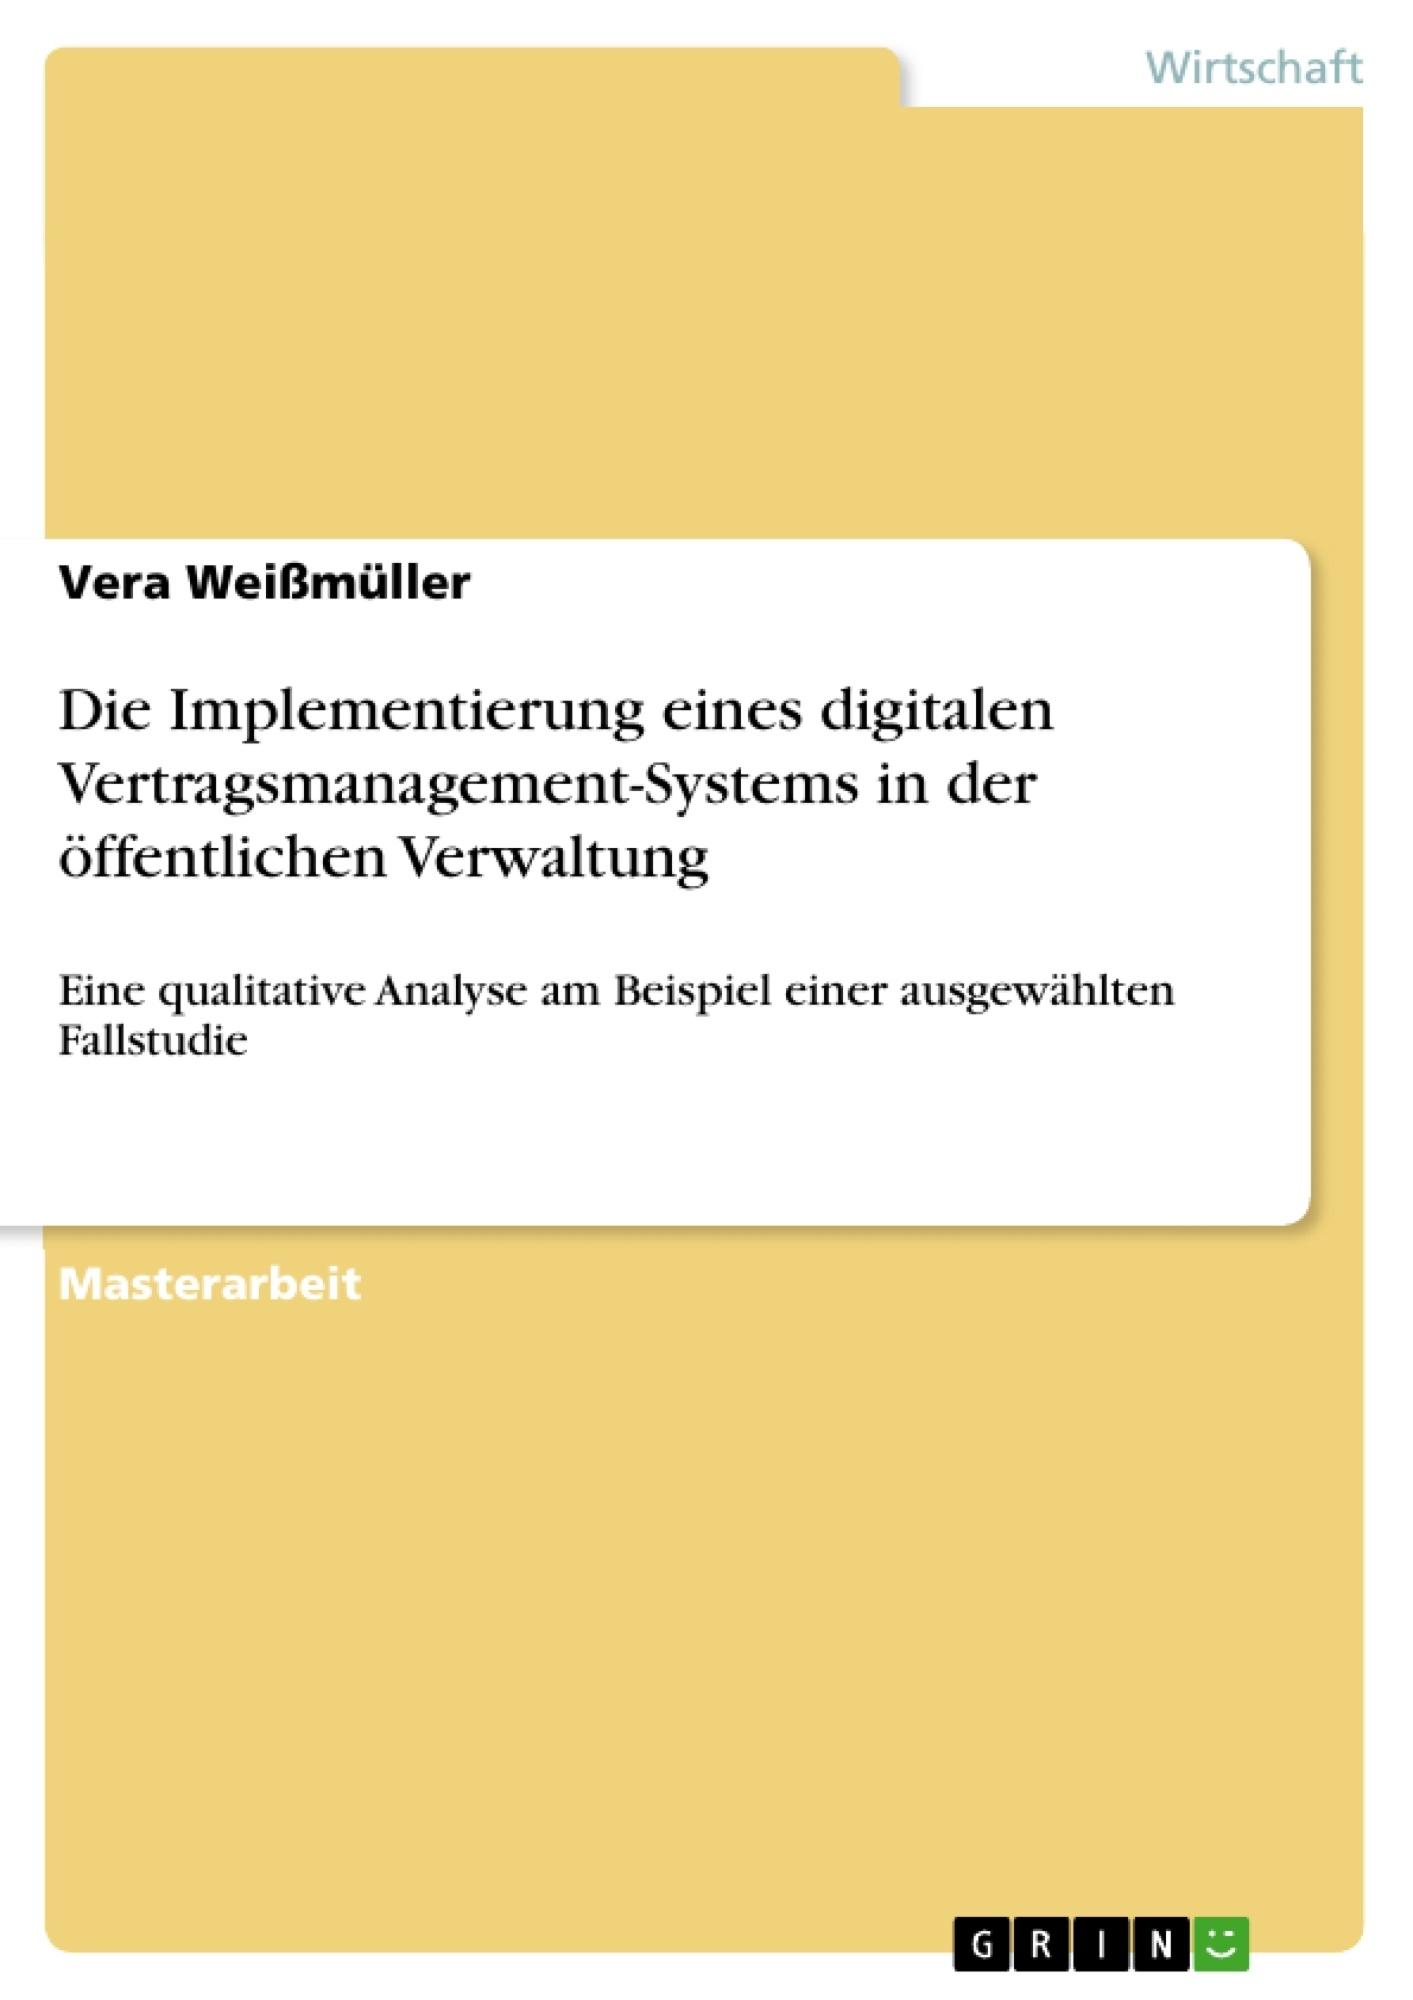 Titel: Die Implementierung eines digitalen Vertragsmanagement-Systems in der öffentlichen Verwaltung